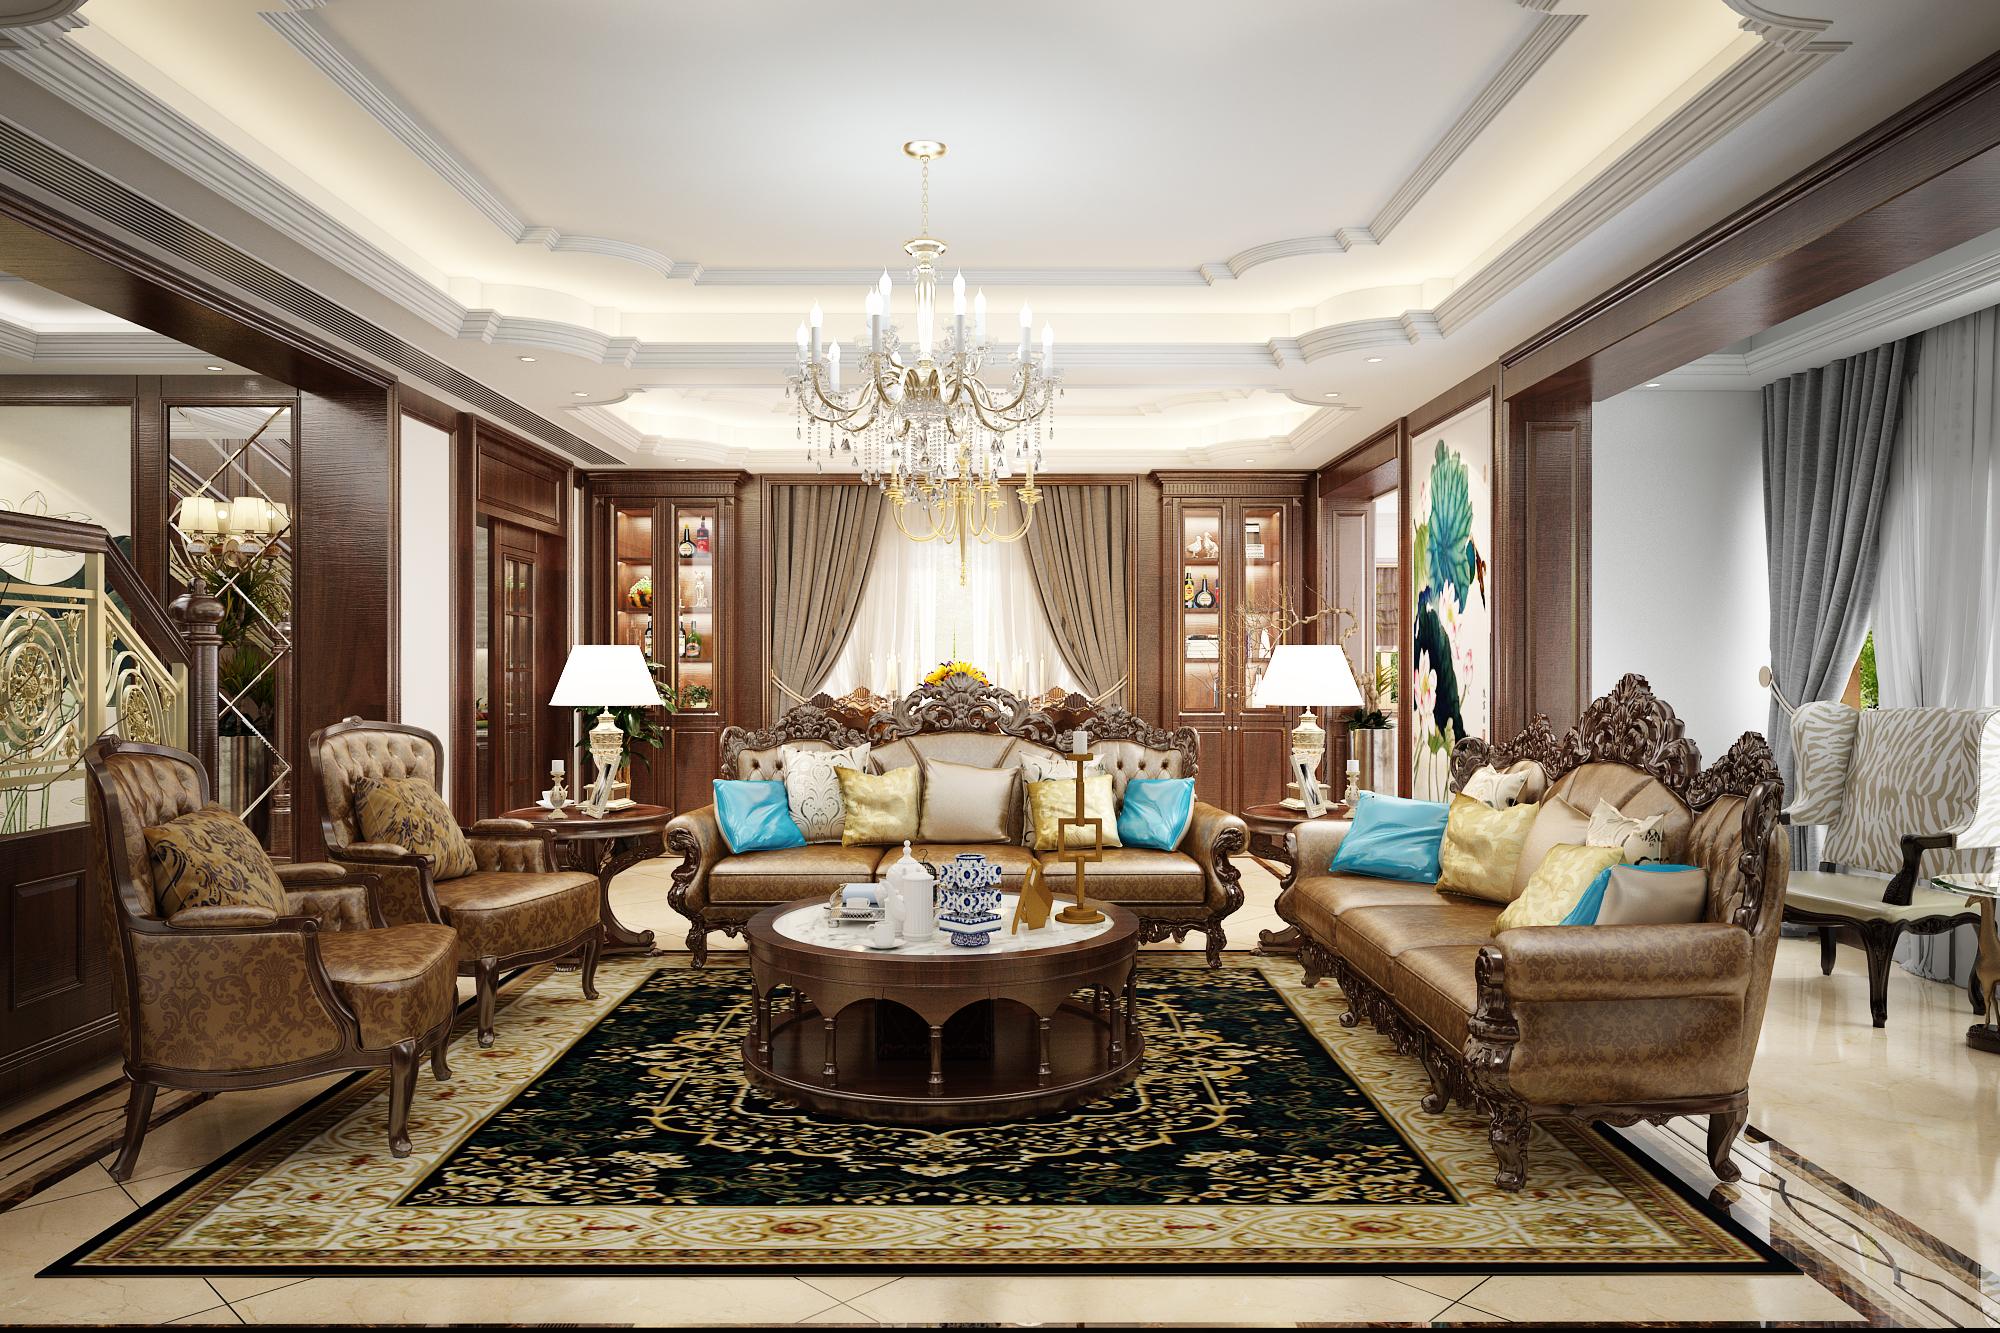 thiết kế nội thất Biệt Thự tại Hà Nội Saola 1 1562643320